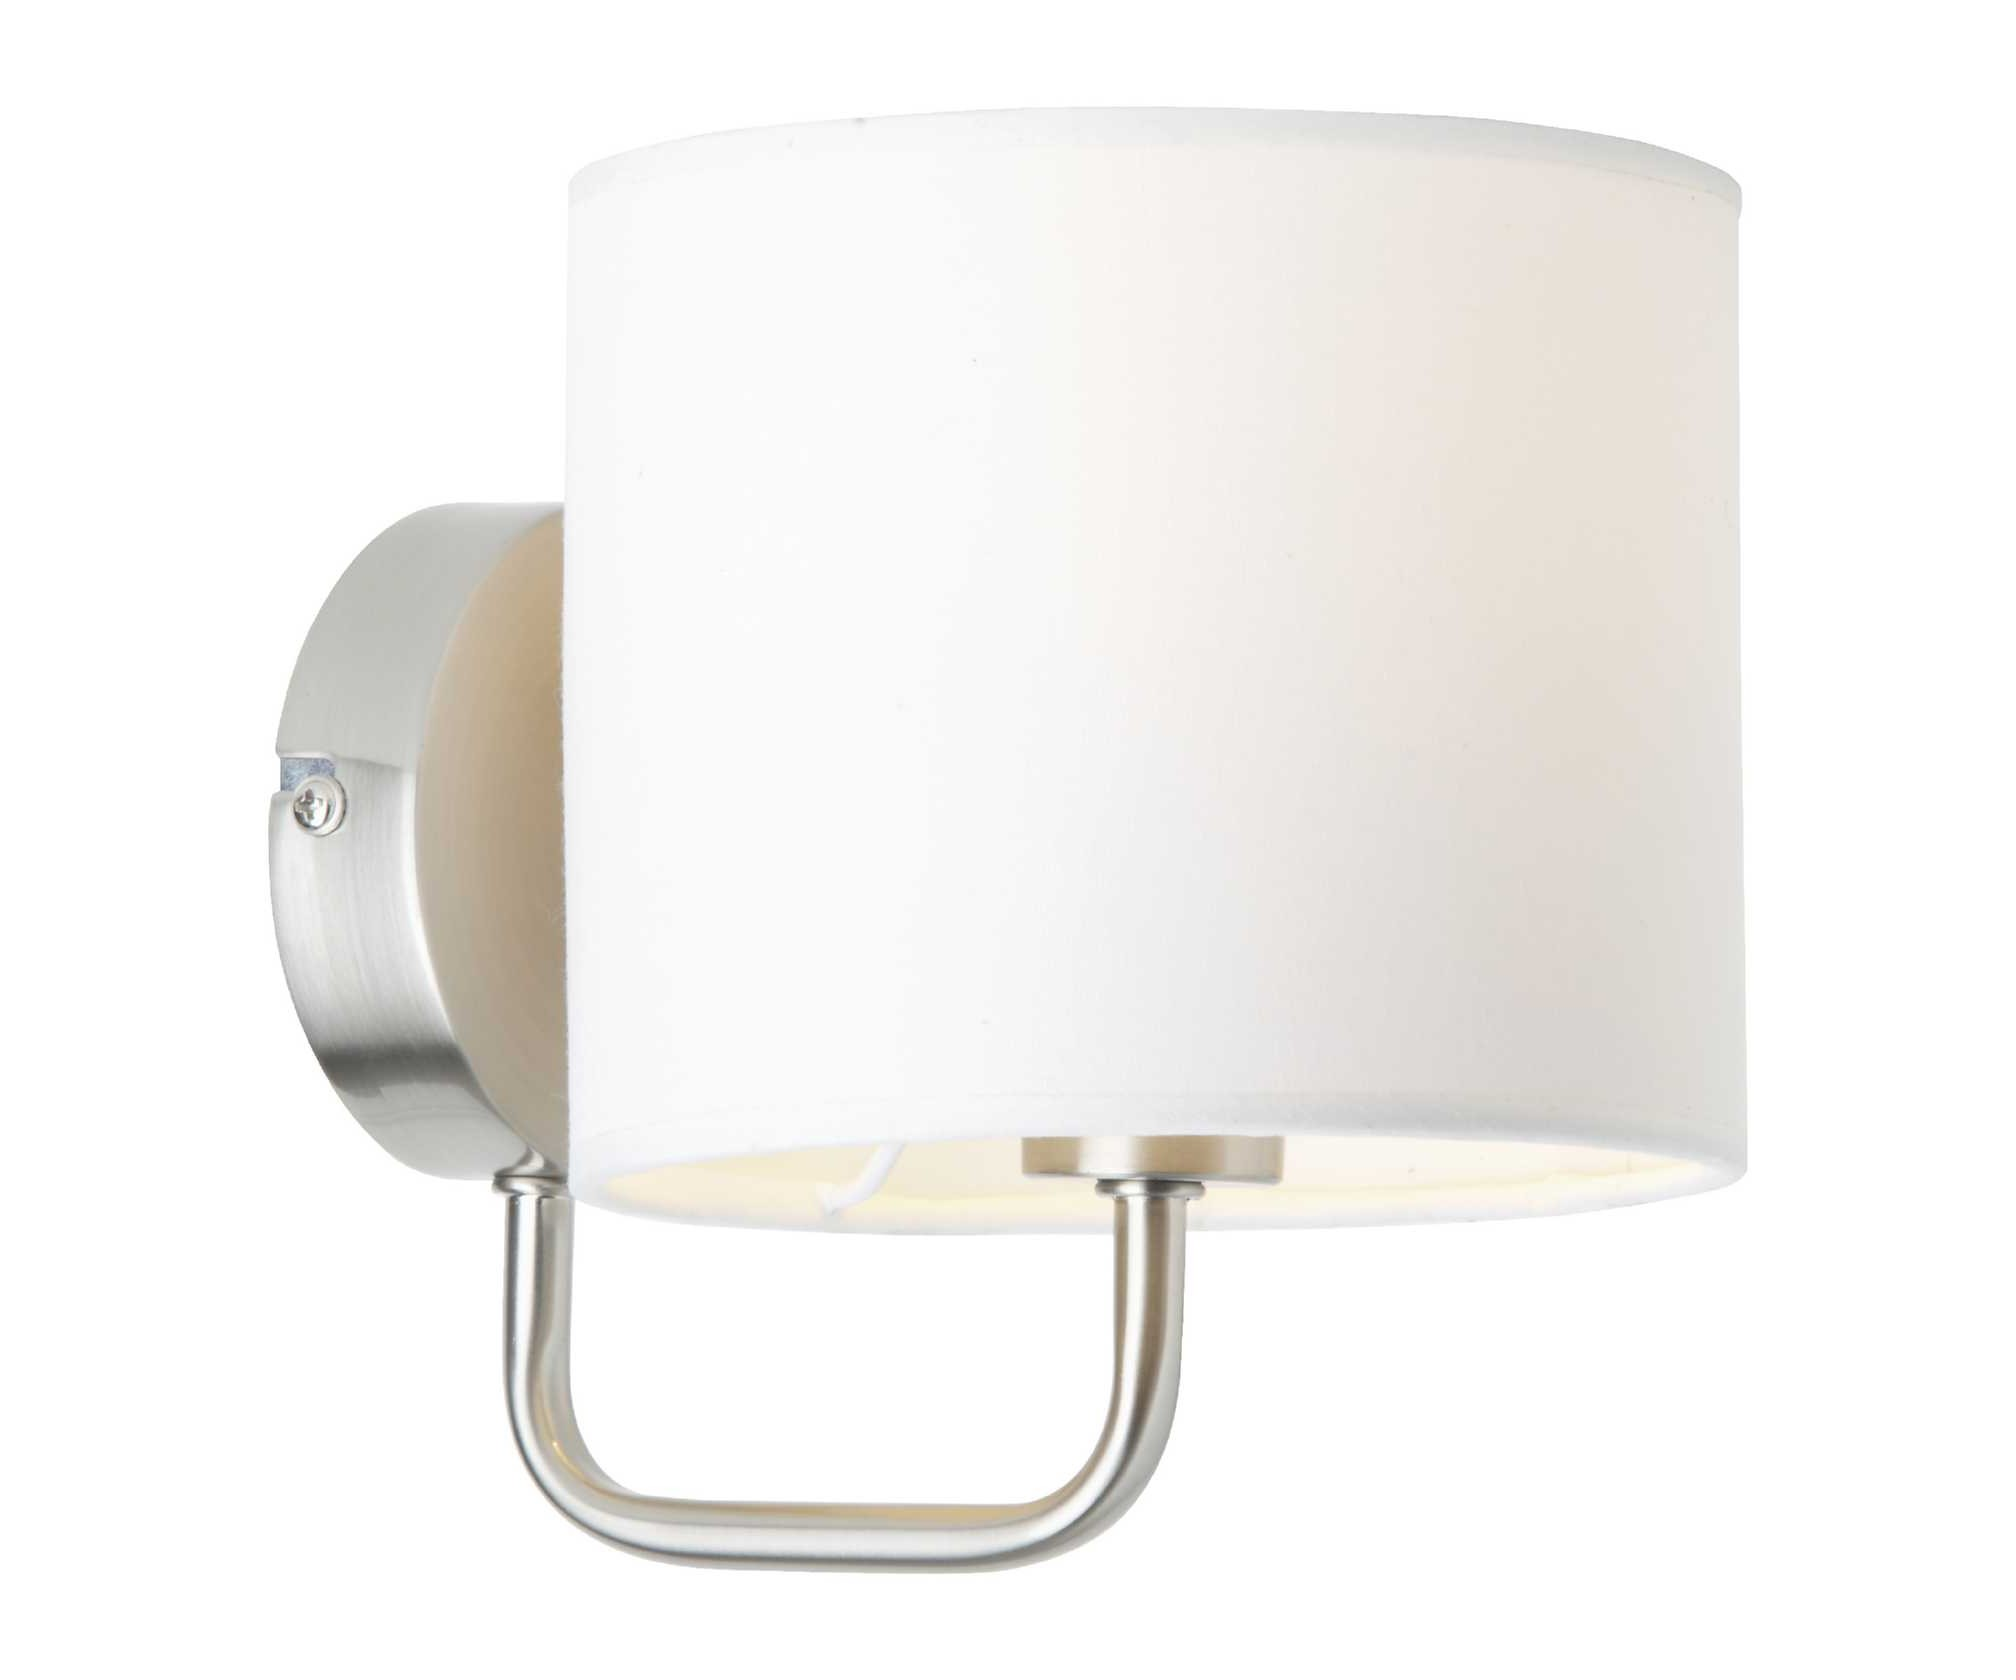 Светильник настенный SandraБра<br>Цоколь: E14Мощность лампы: 40WКоличество ламп: 1Наличие ламп: отсутствуют<br><br>kit: None<br>gender: None